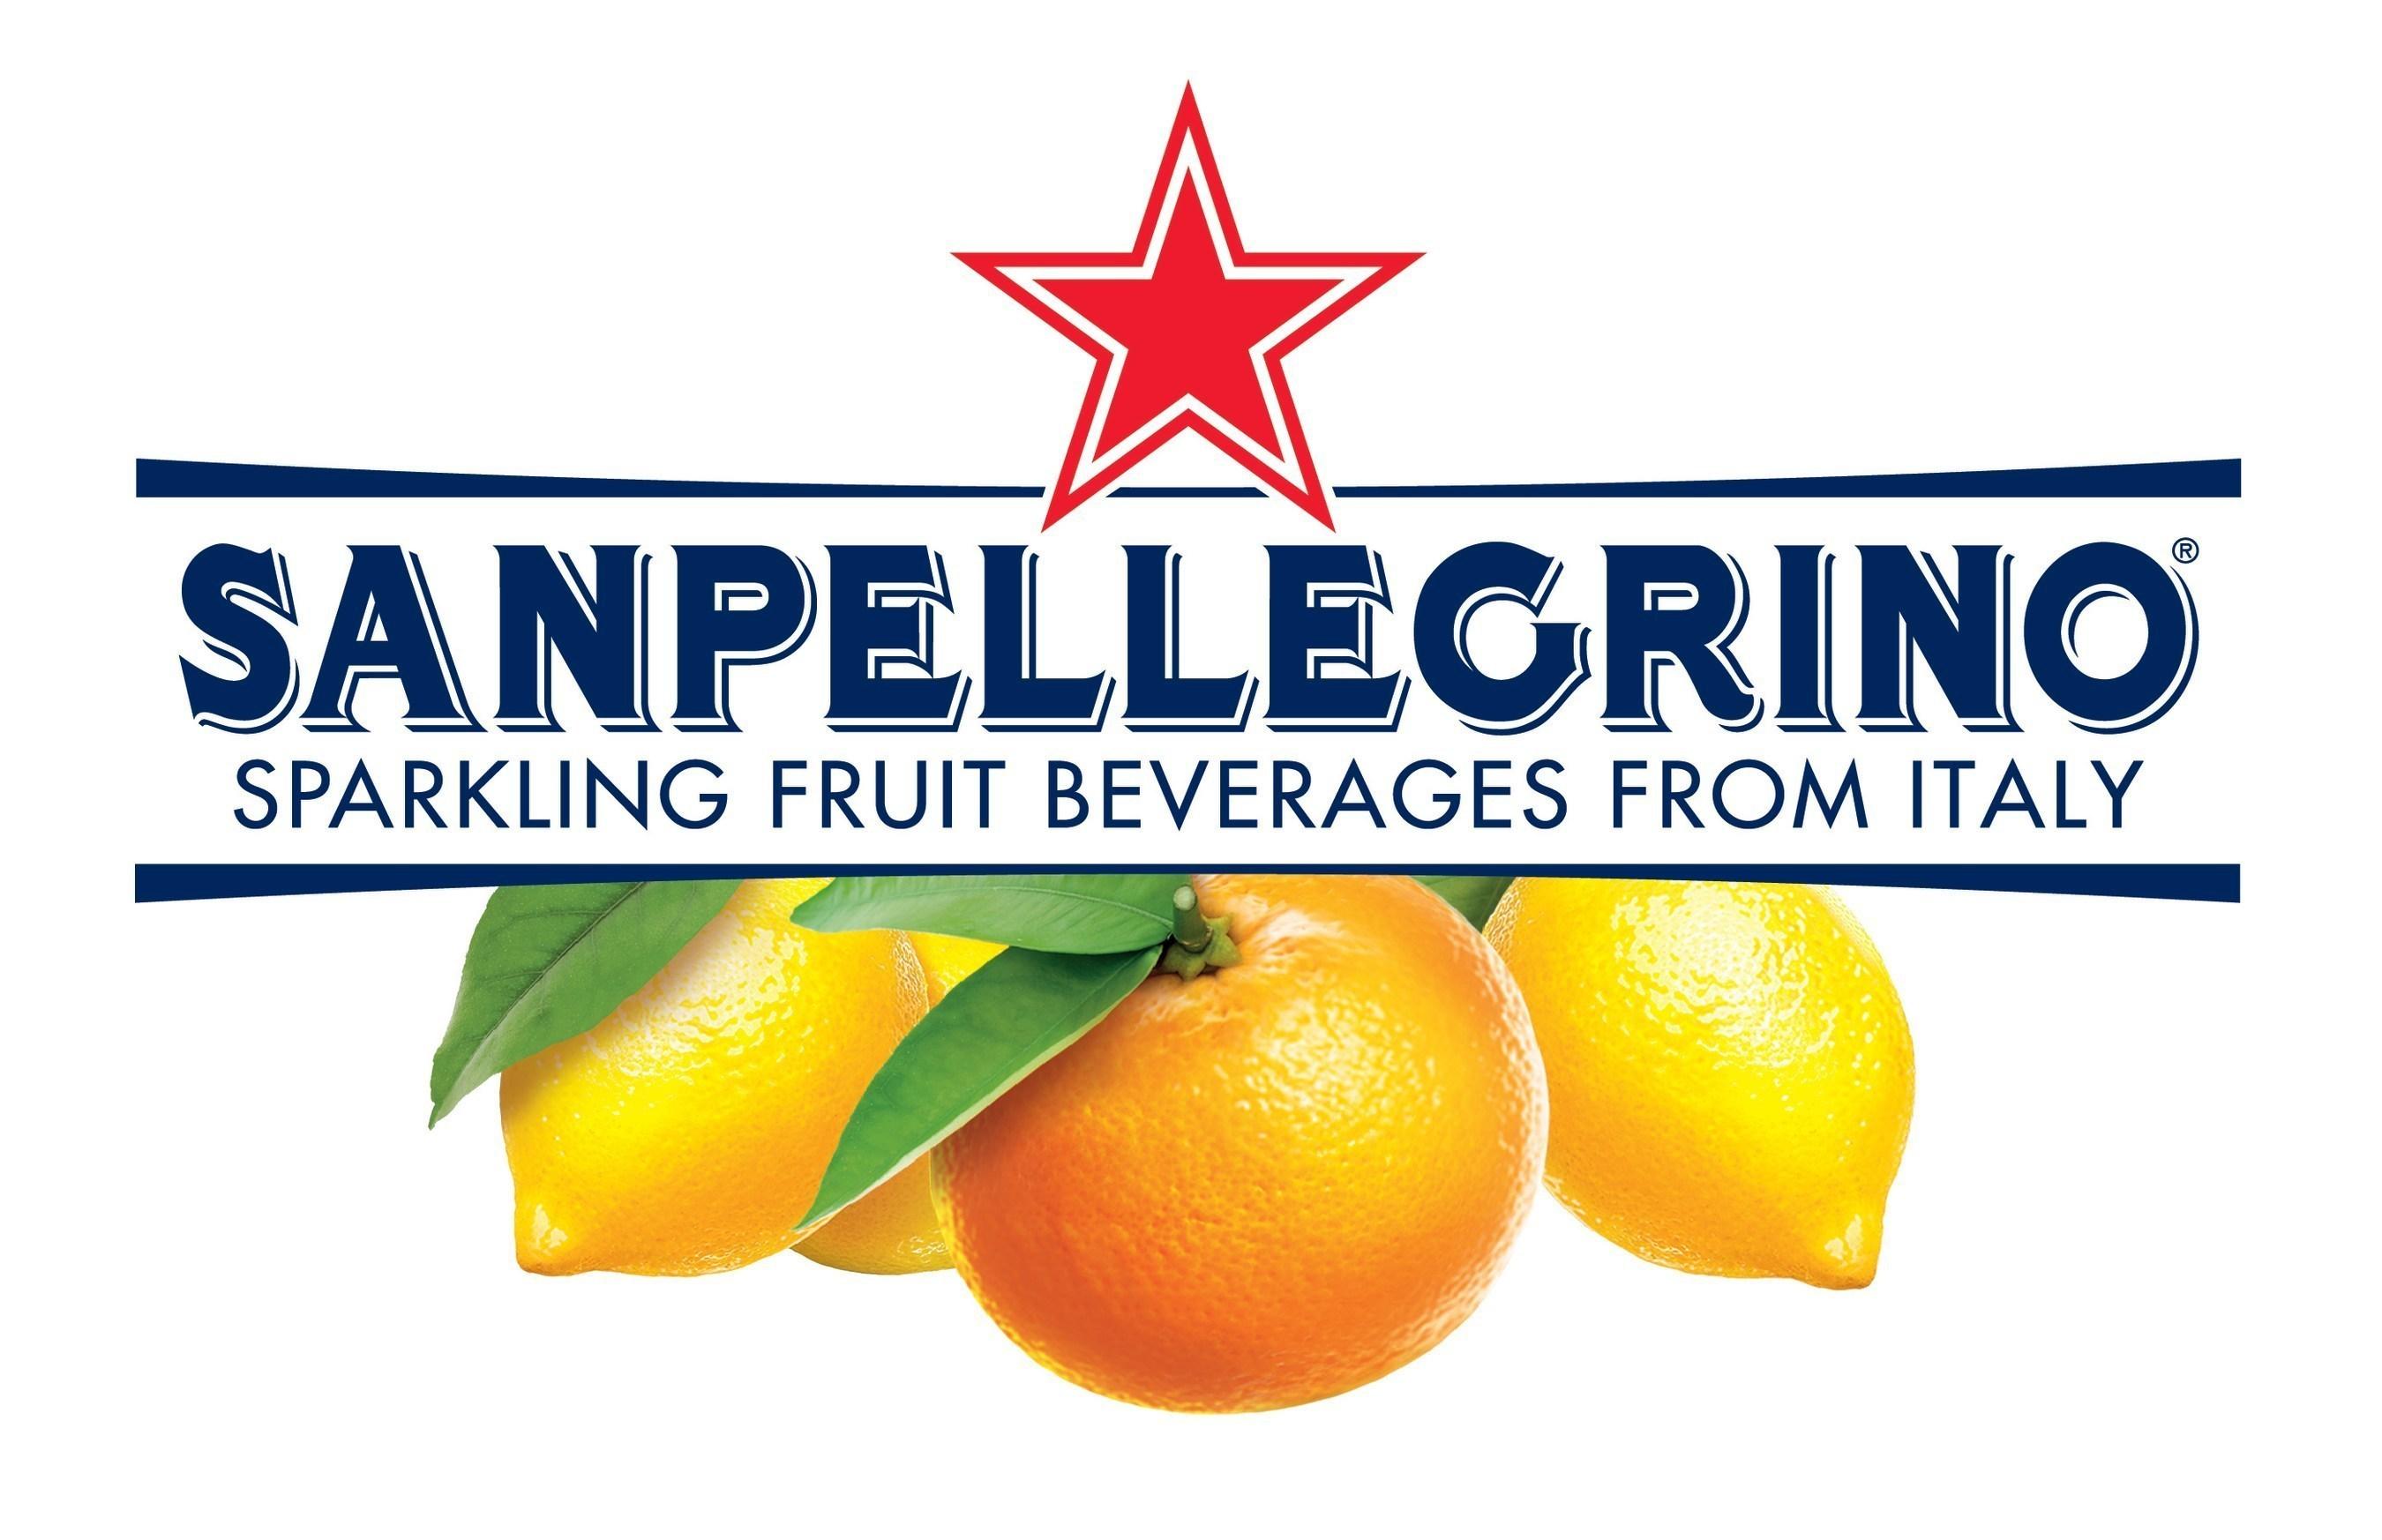 Sanpellegrino� Sparkling Fruit Beverages